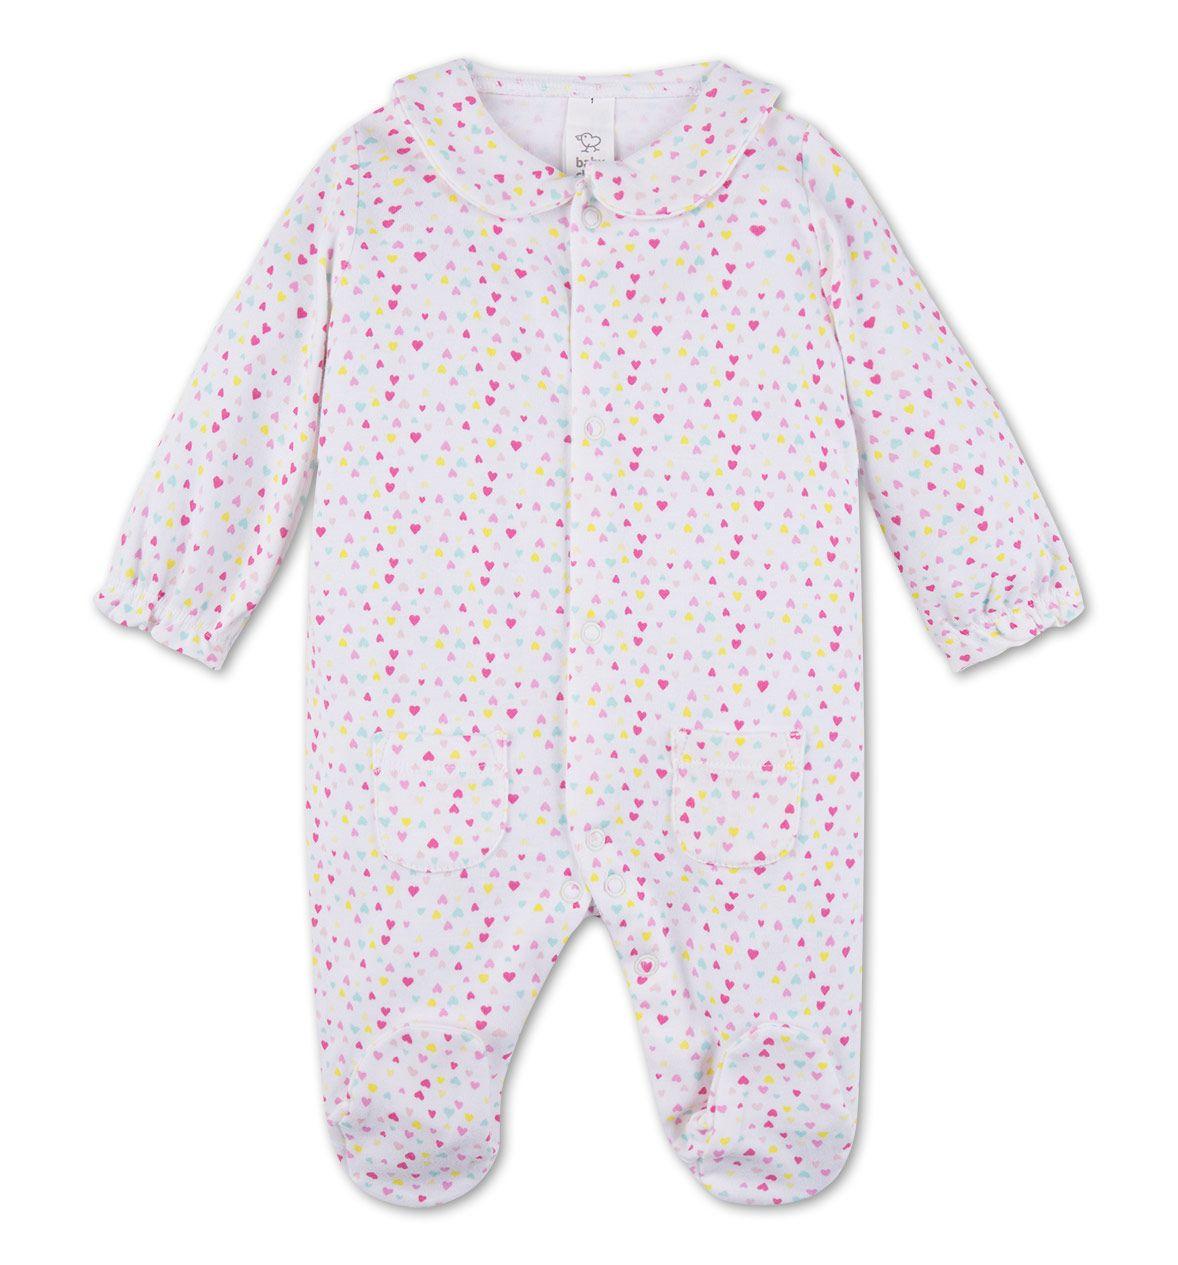 Baby-Schlafanzug aus Bio-Baumwolle in bunt